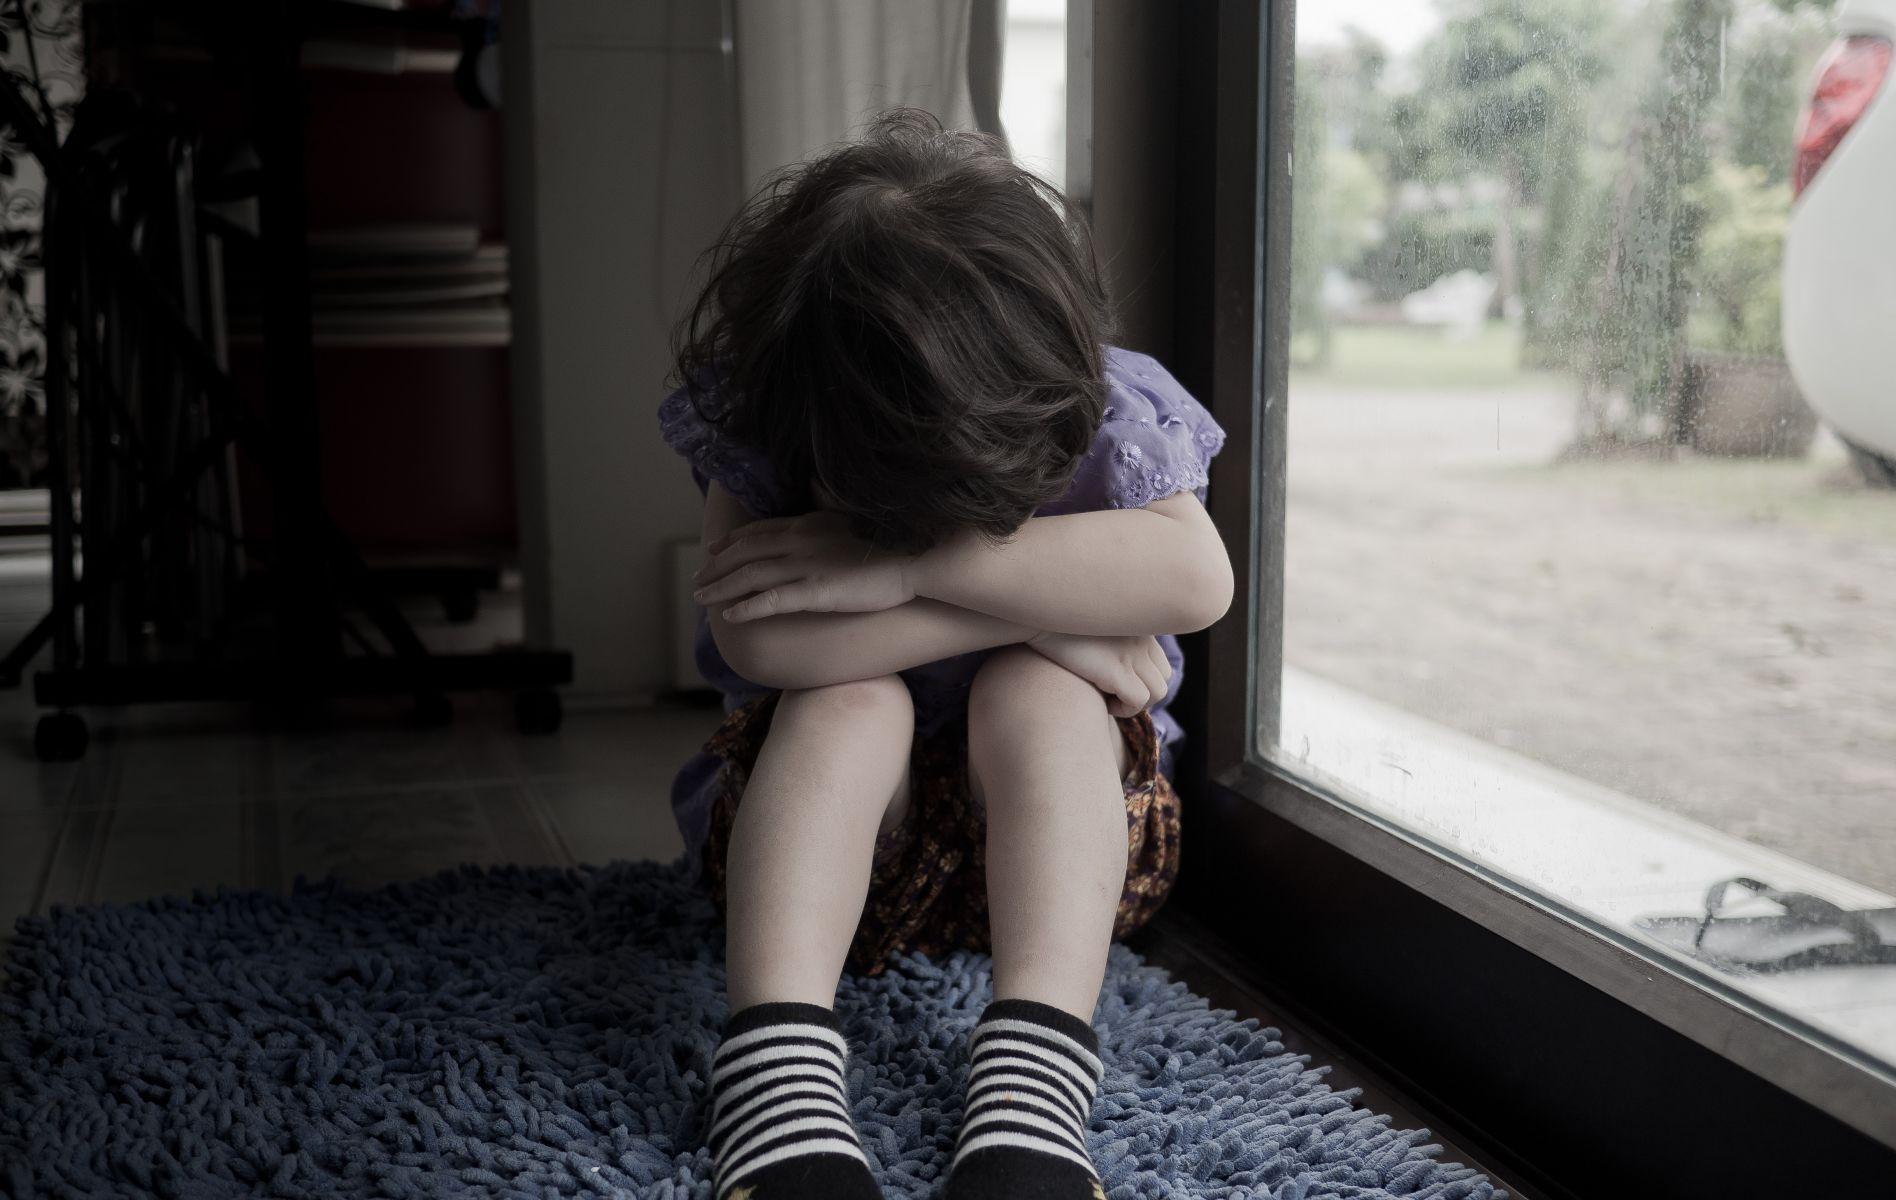 多少受虐兒童消失在官方數字間?兒虐難題看看香港怎麼做